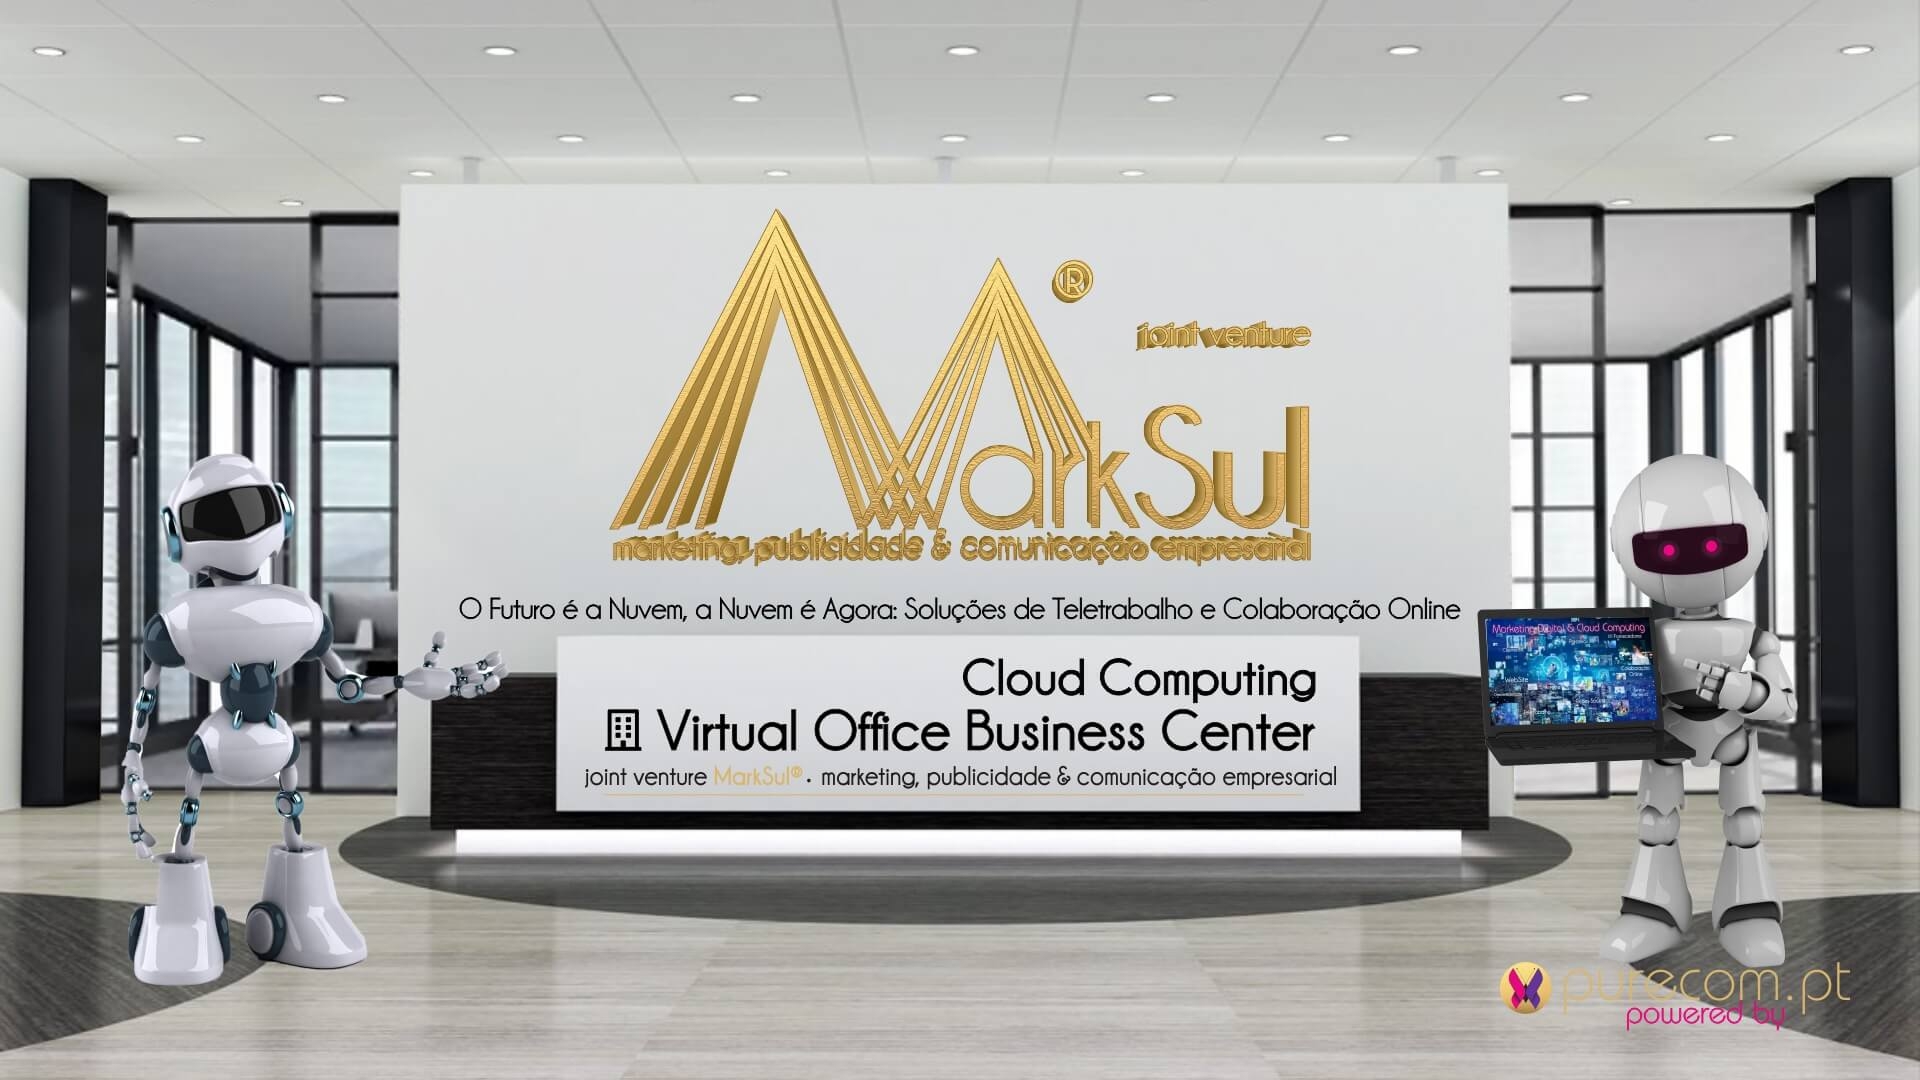 #Cloud #Nuvem #Teletrabalho #Colaboração Online